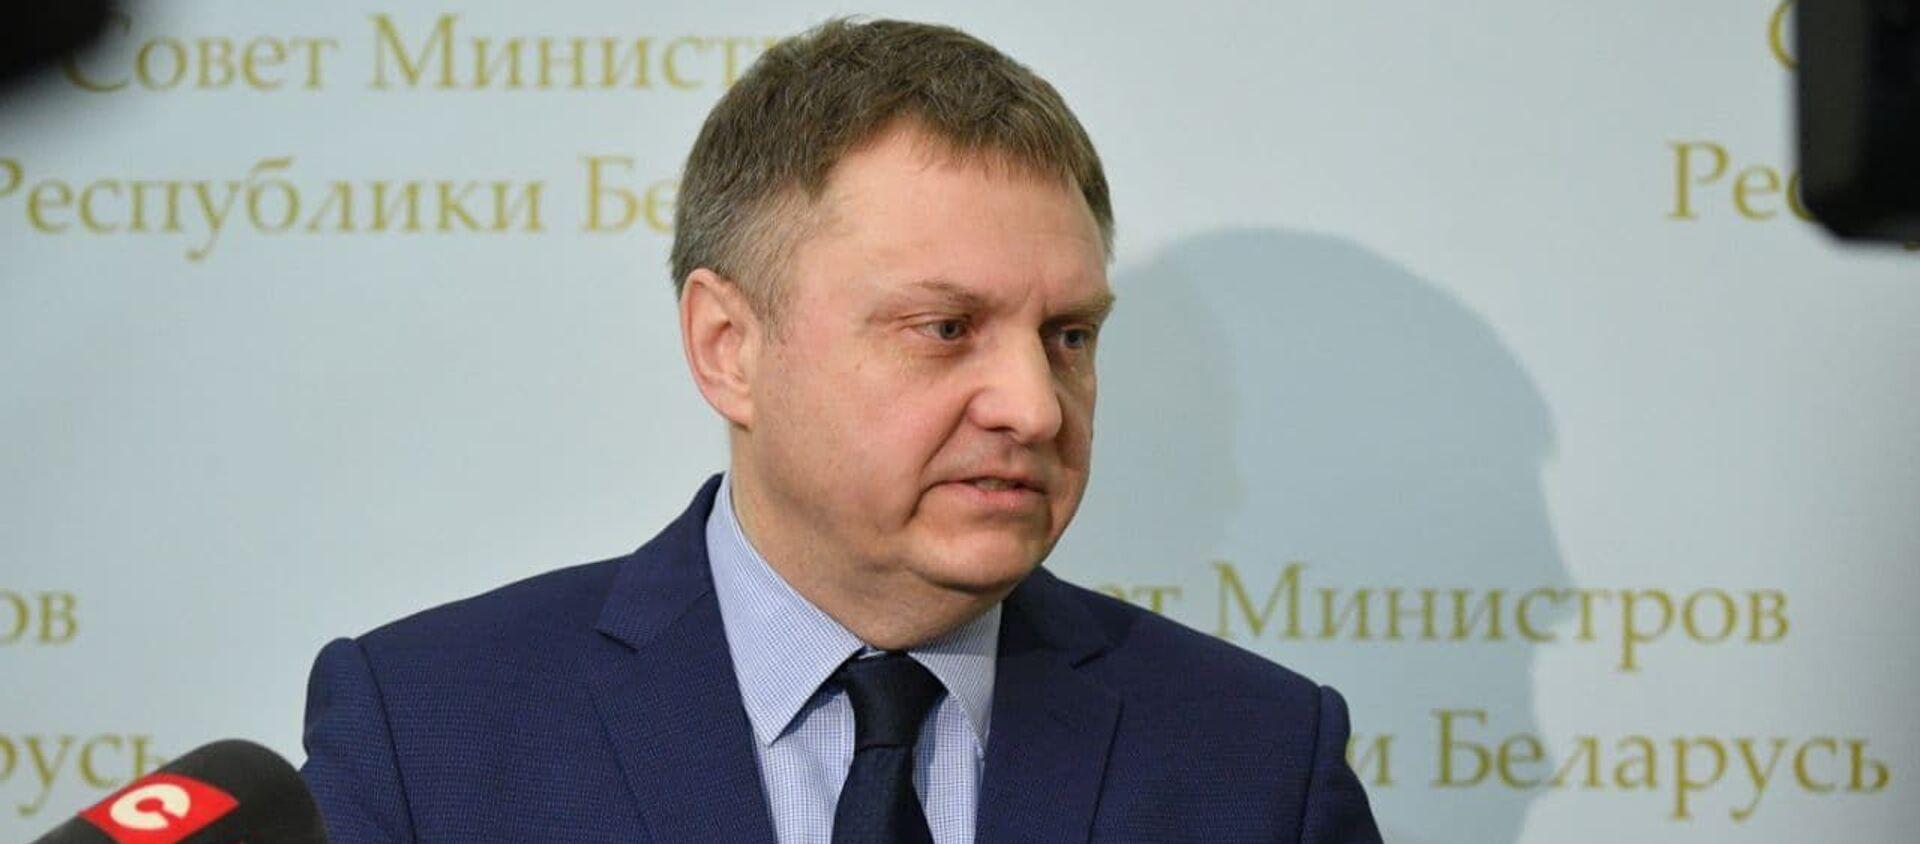 Министр экономики Александр Червяков - Sputnik Беларусь, 1920, 23.02.2021